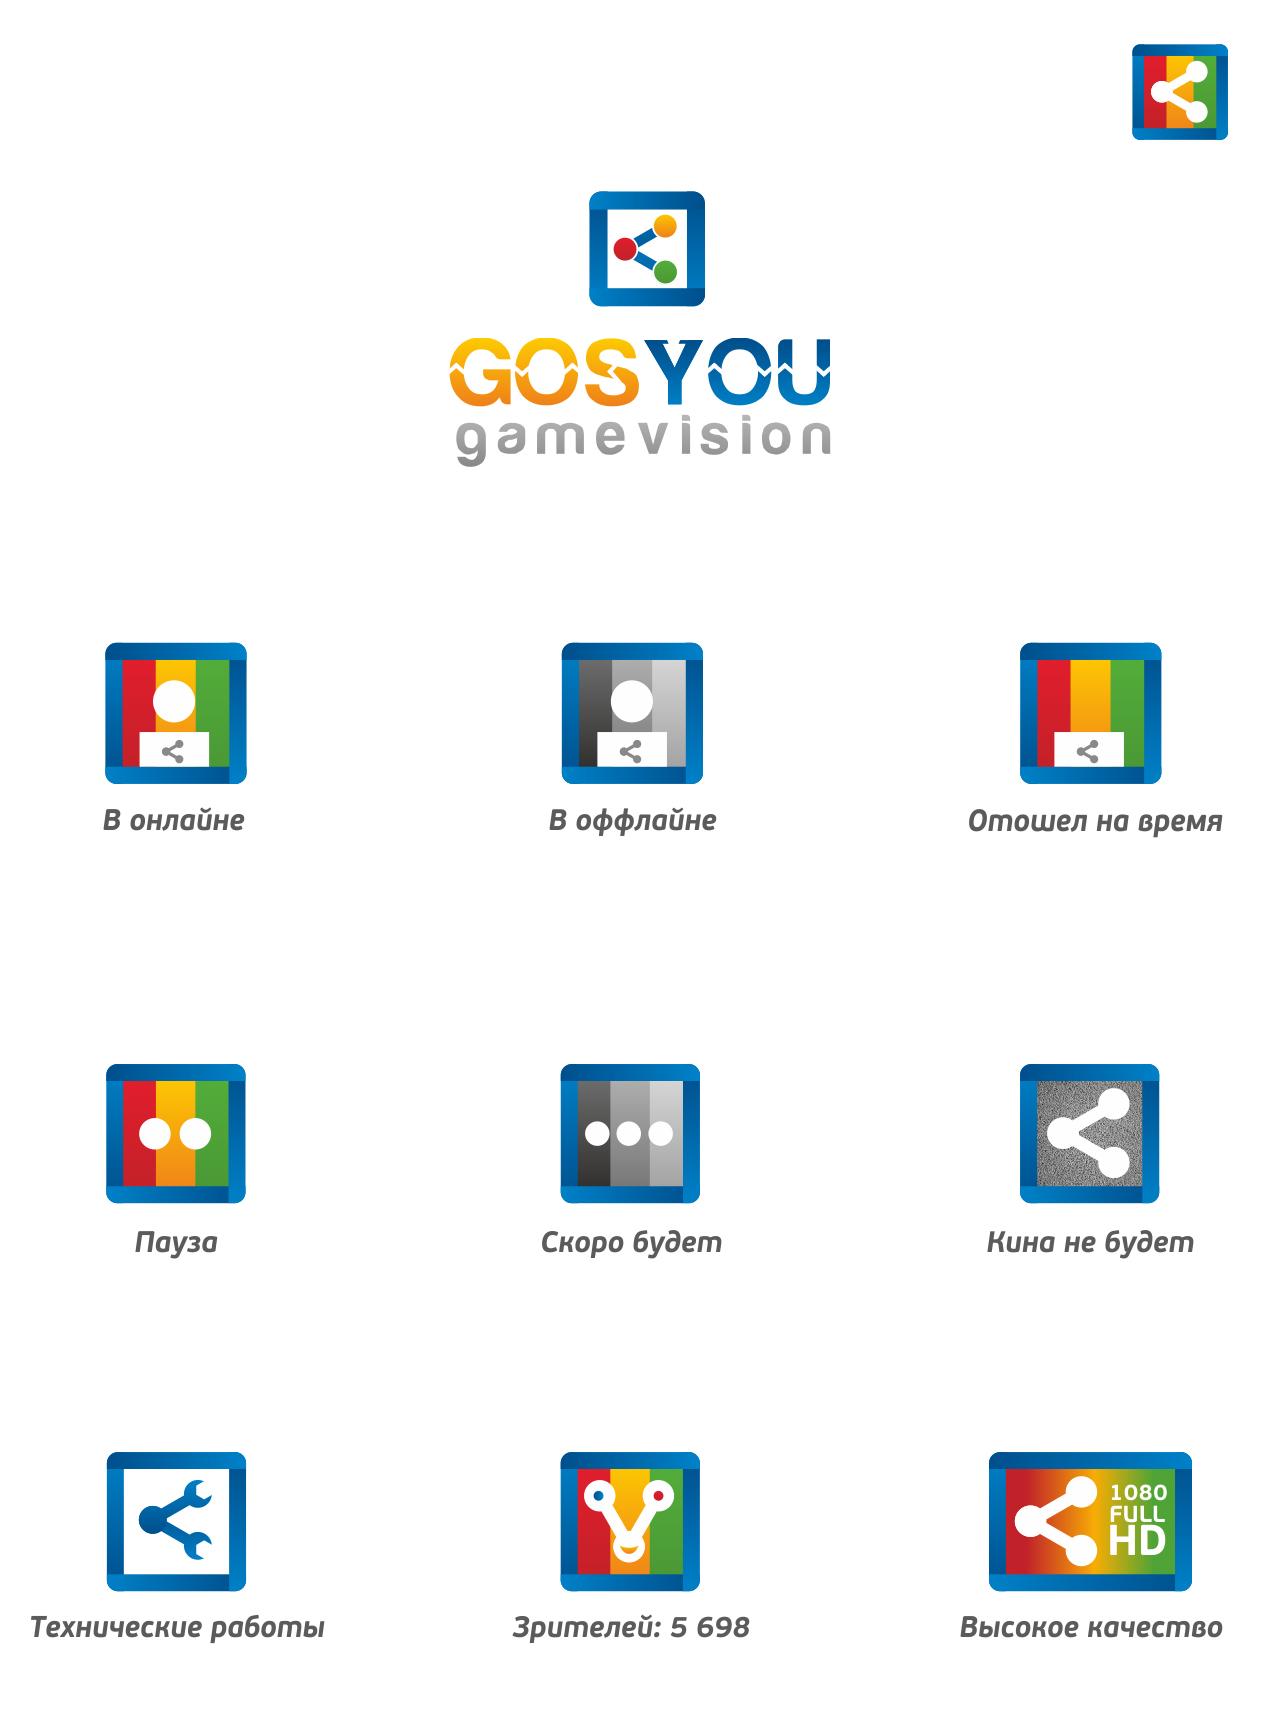 Логотип, фир. стиль и иконку для социальной сети GosYou фото f_5085ab10501c7.jpg